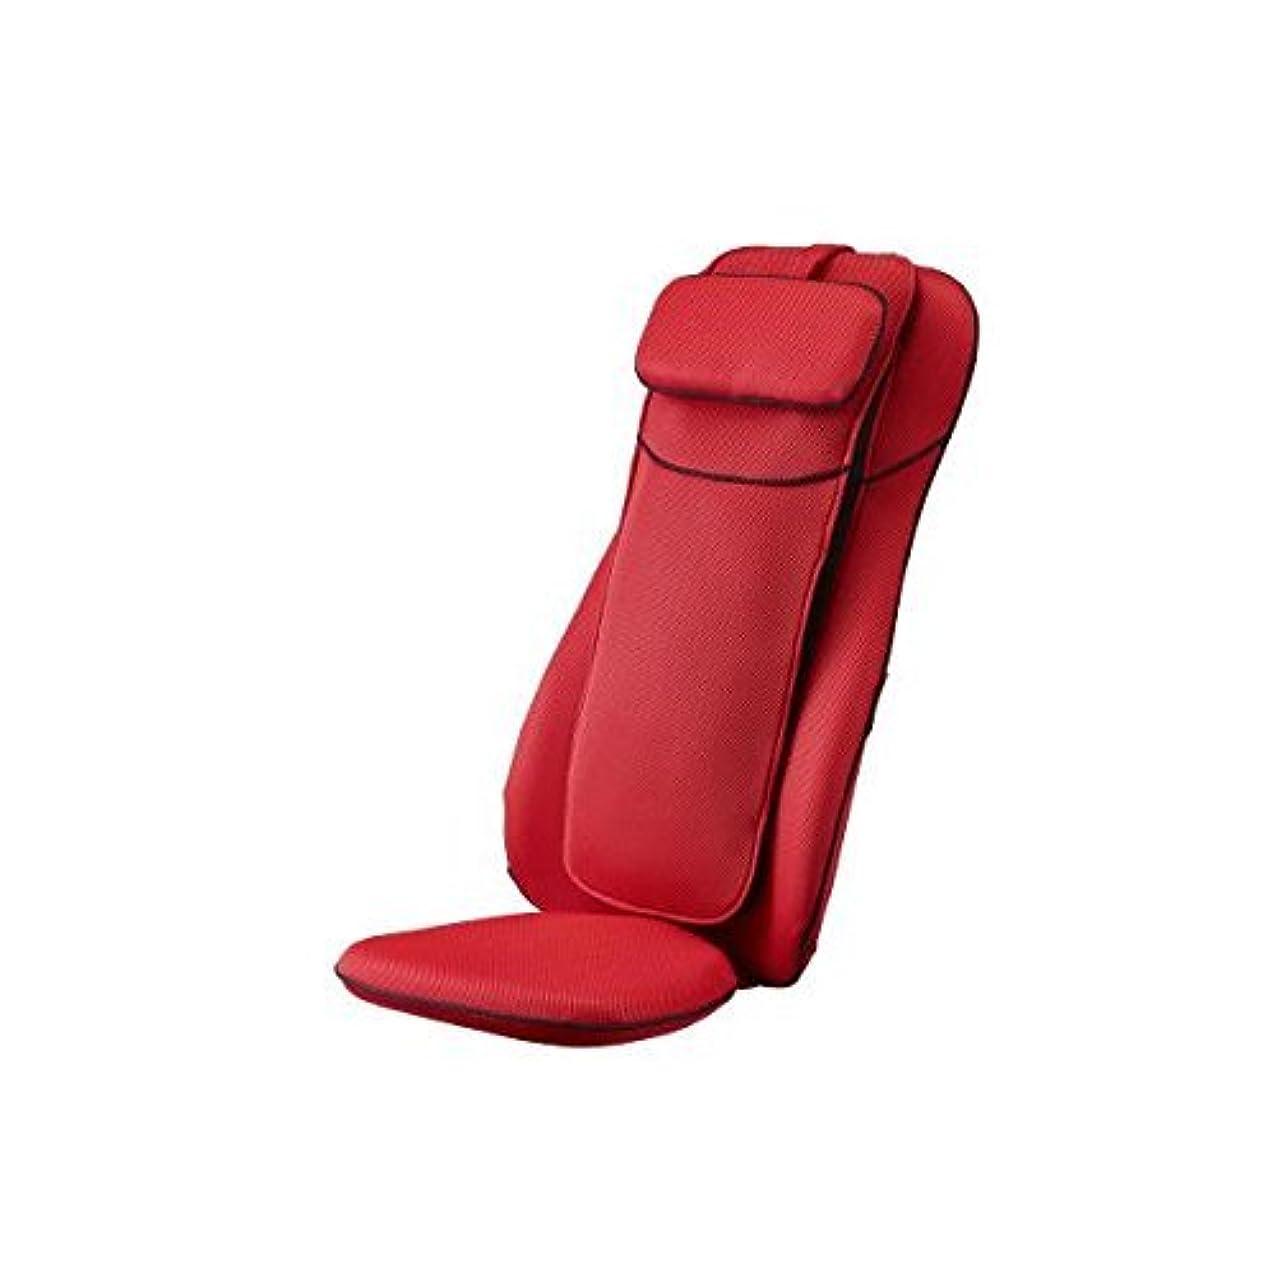 家具すばらしいです雪だるまを作るフジ医療器 シートマッサージャー(レッド)my relax(マイリラ) MRL-1000RE